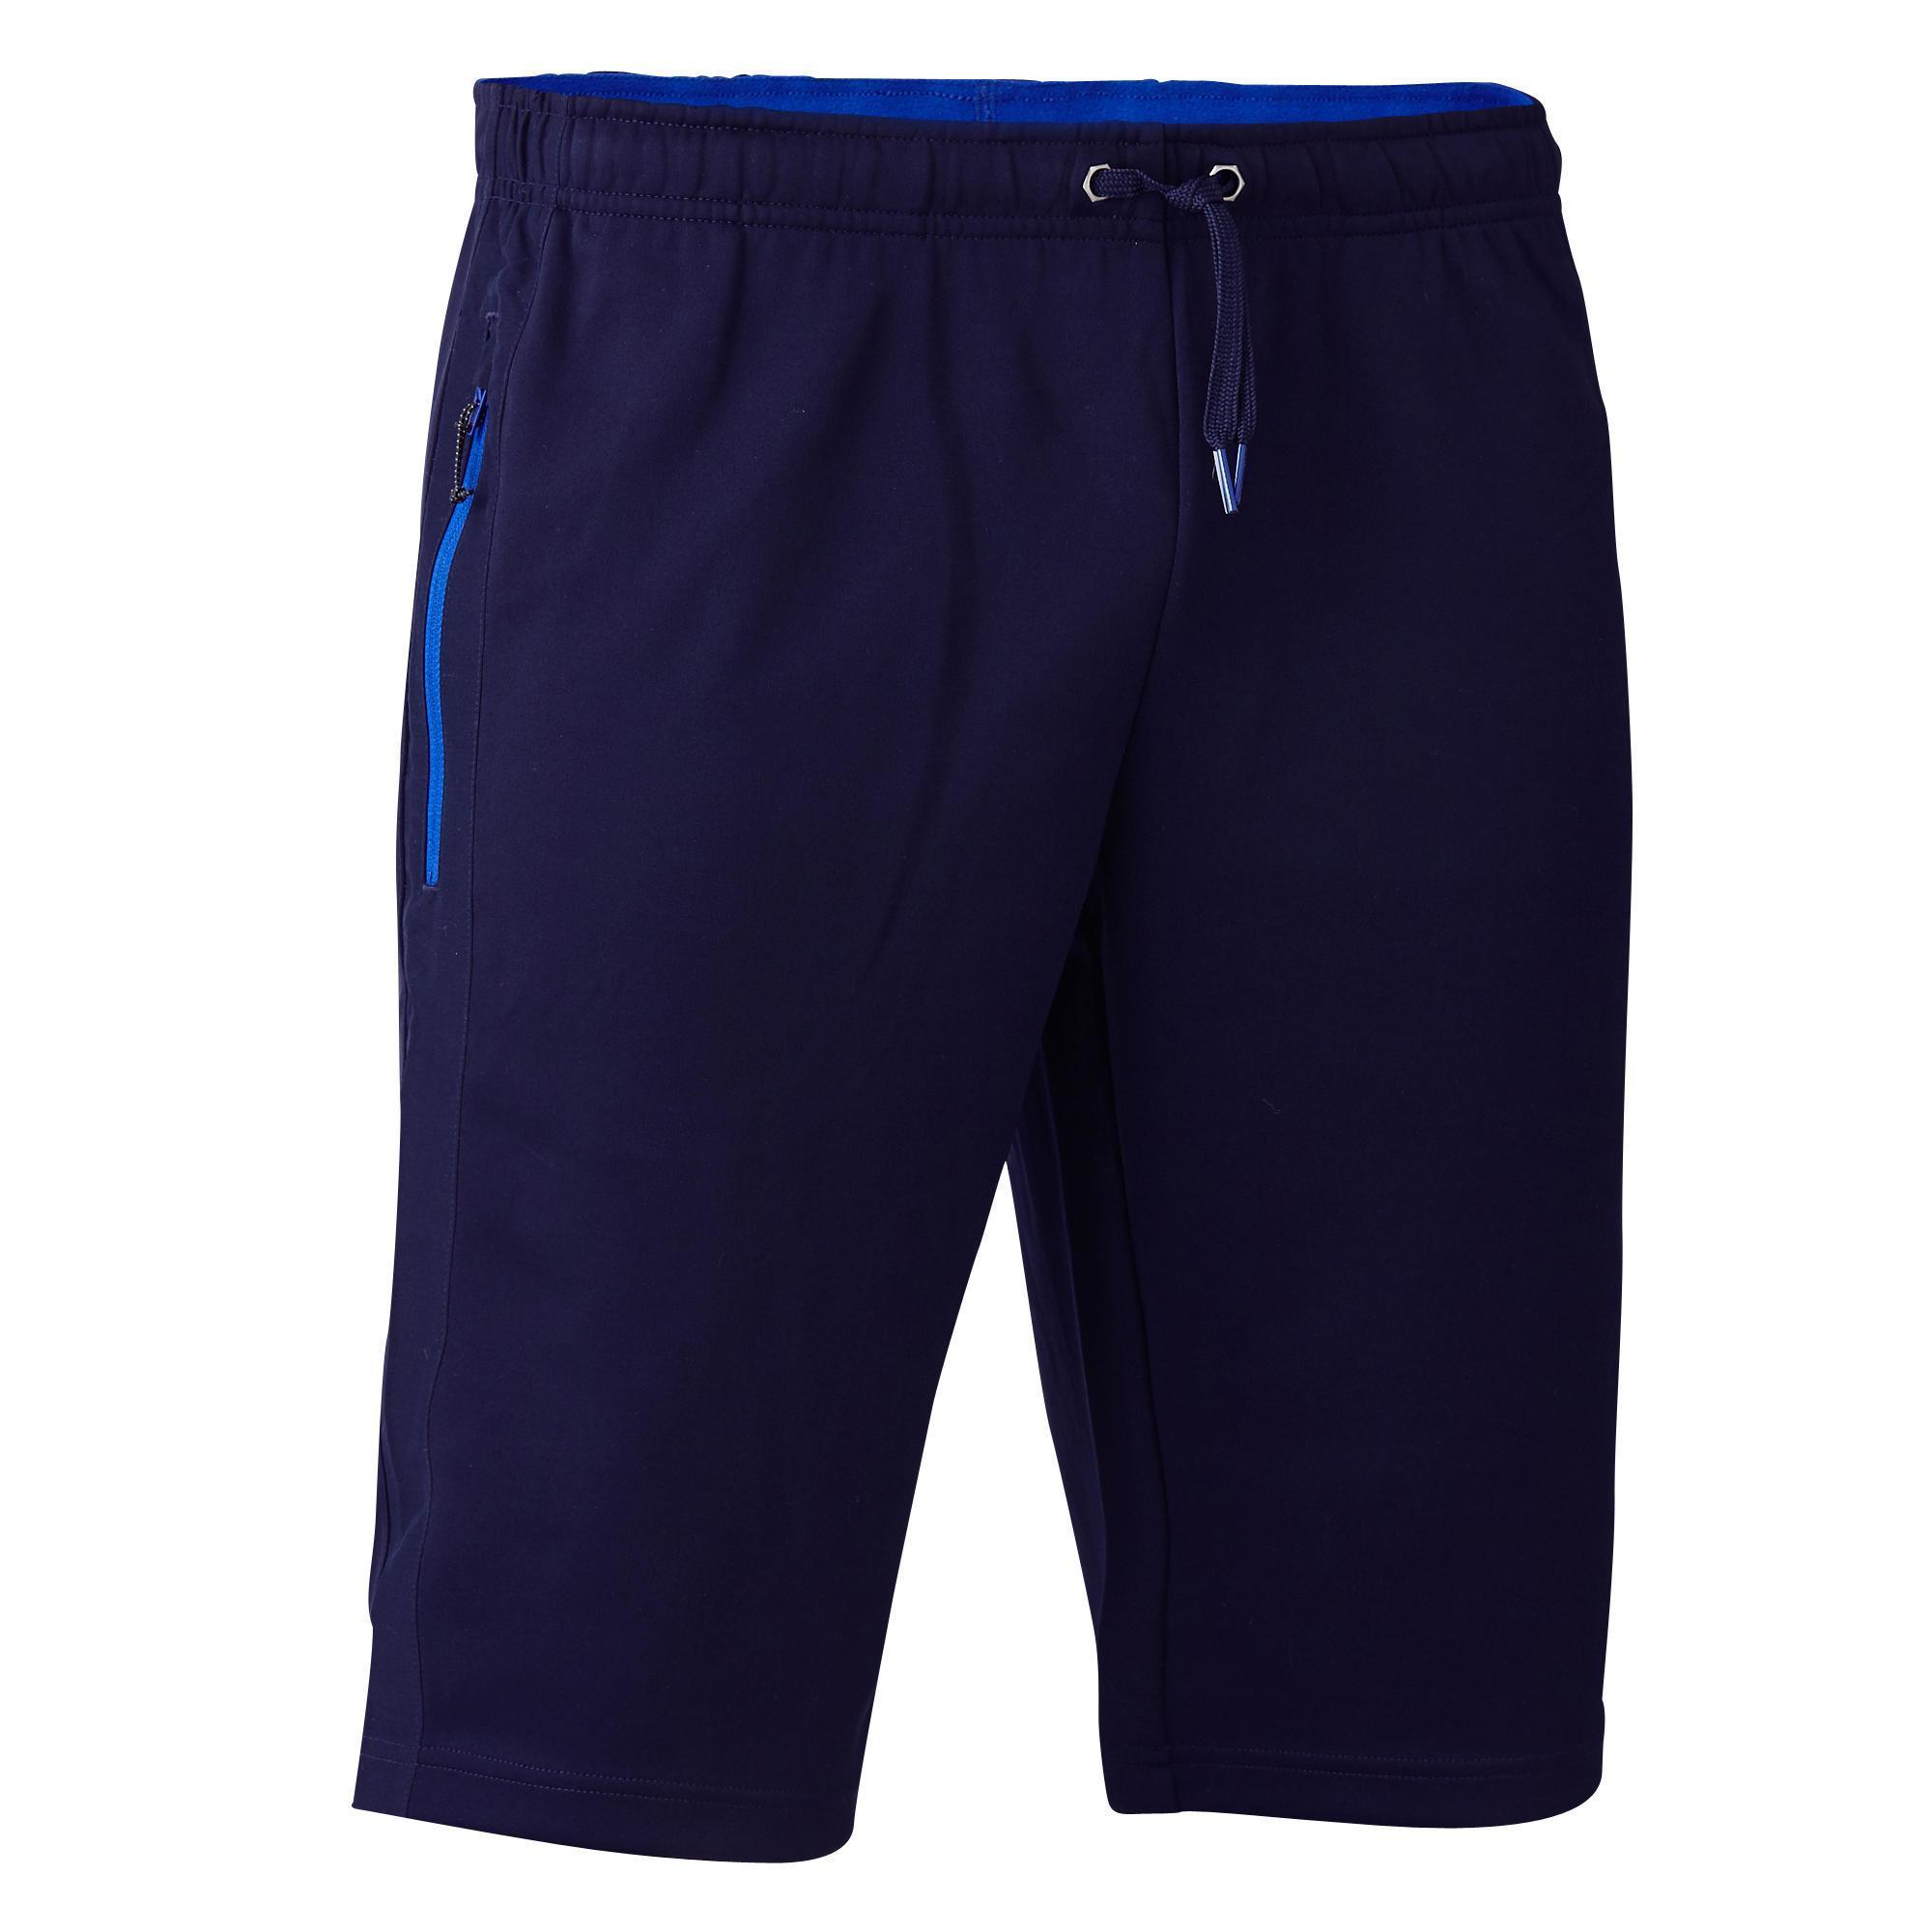 Kipsta Voetbalbroekje T500 met ritszakken volwassenen marineblauw